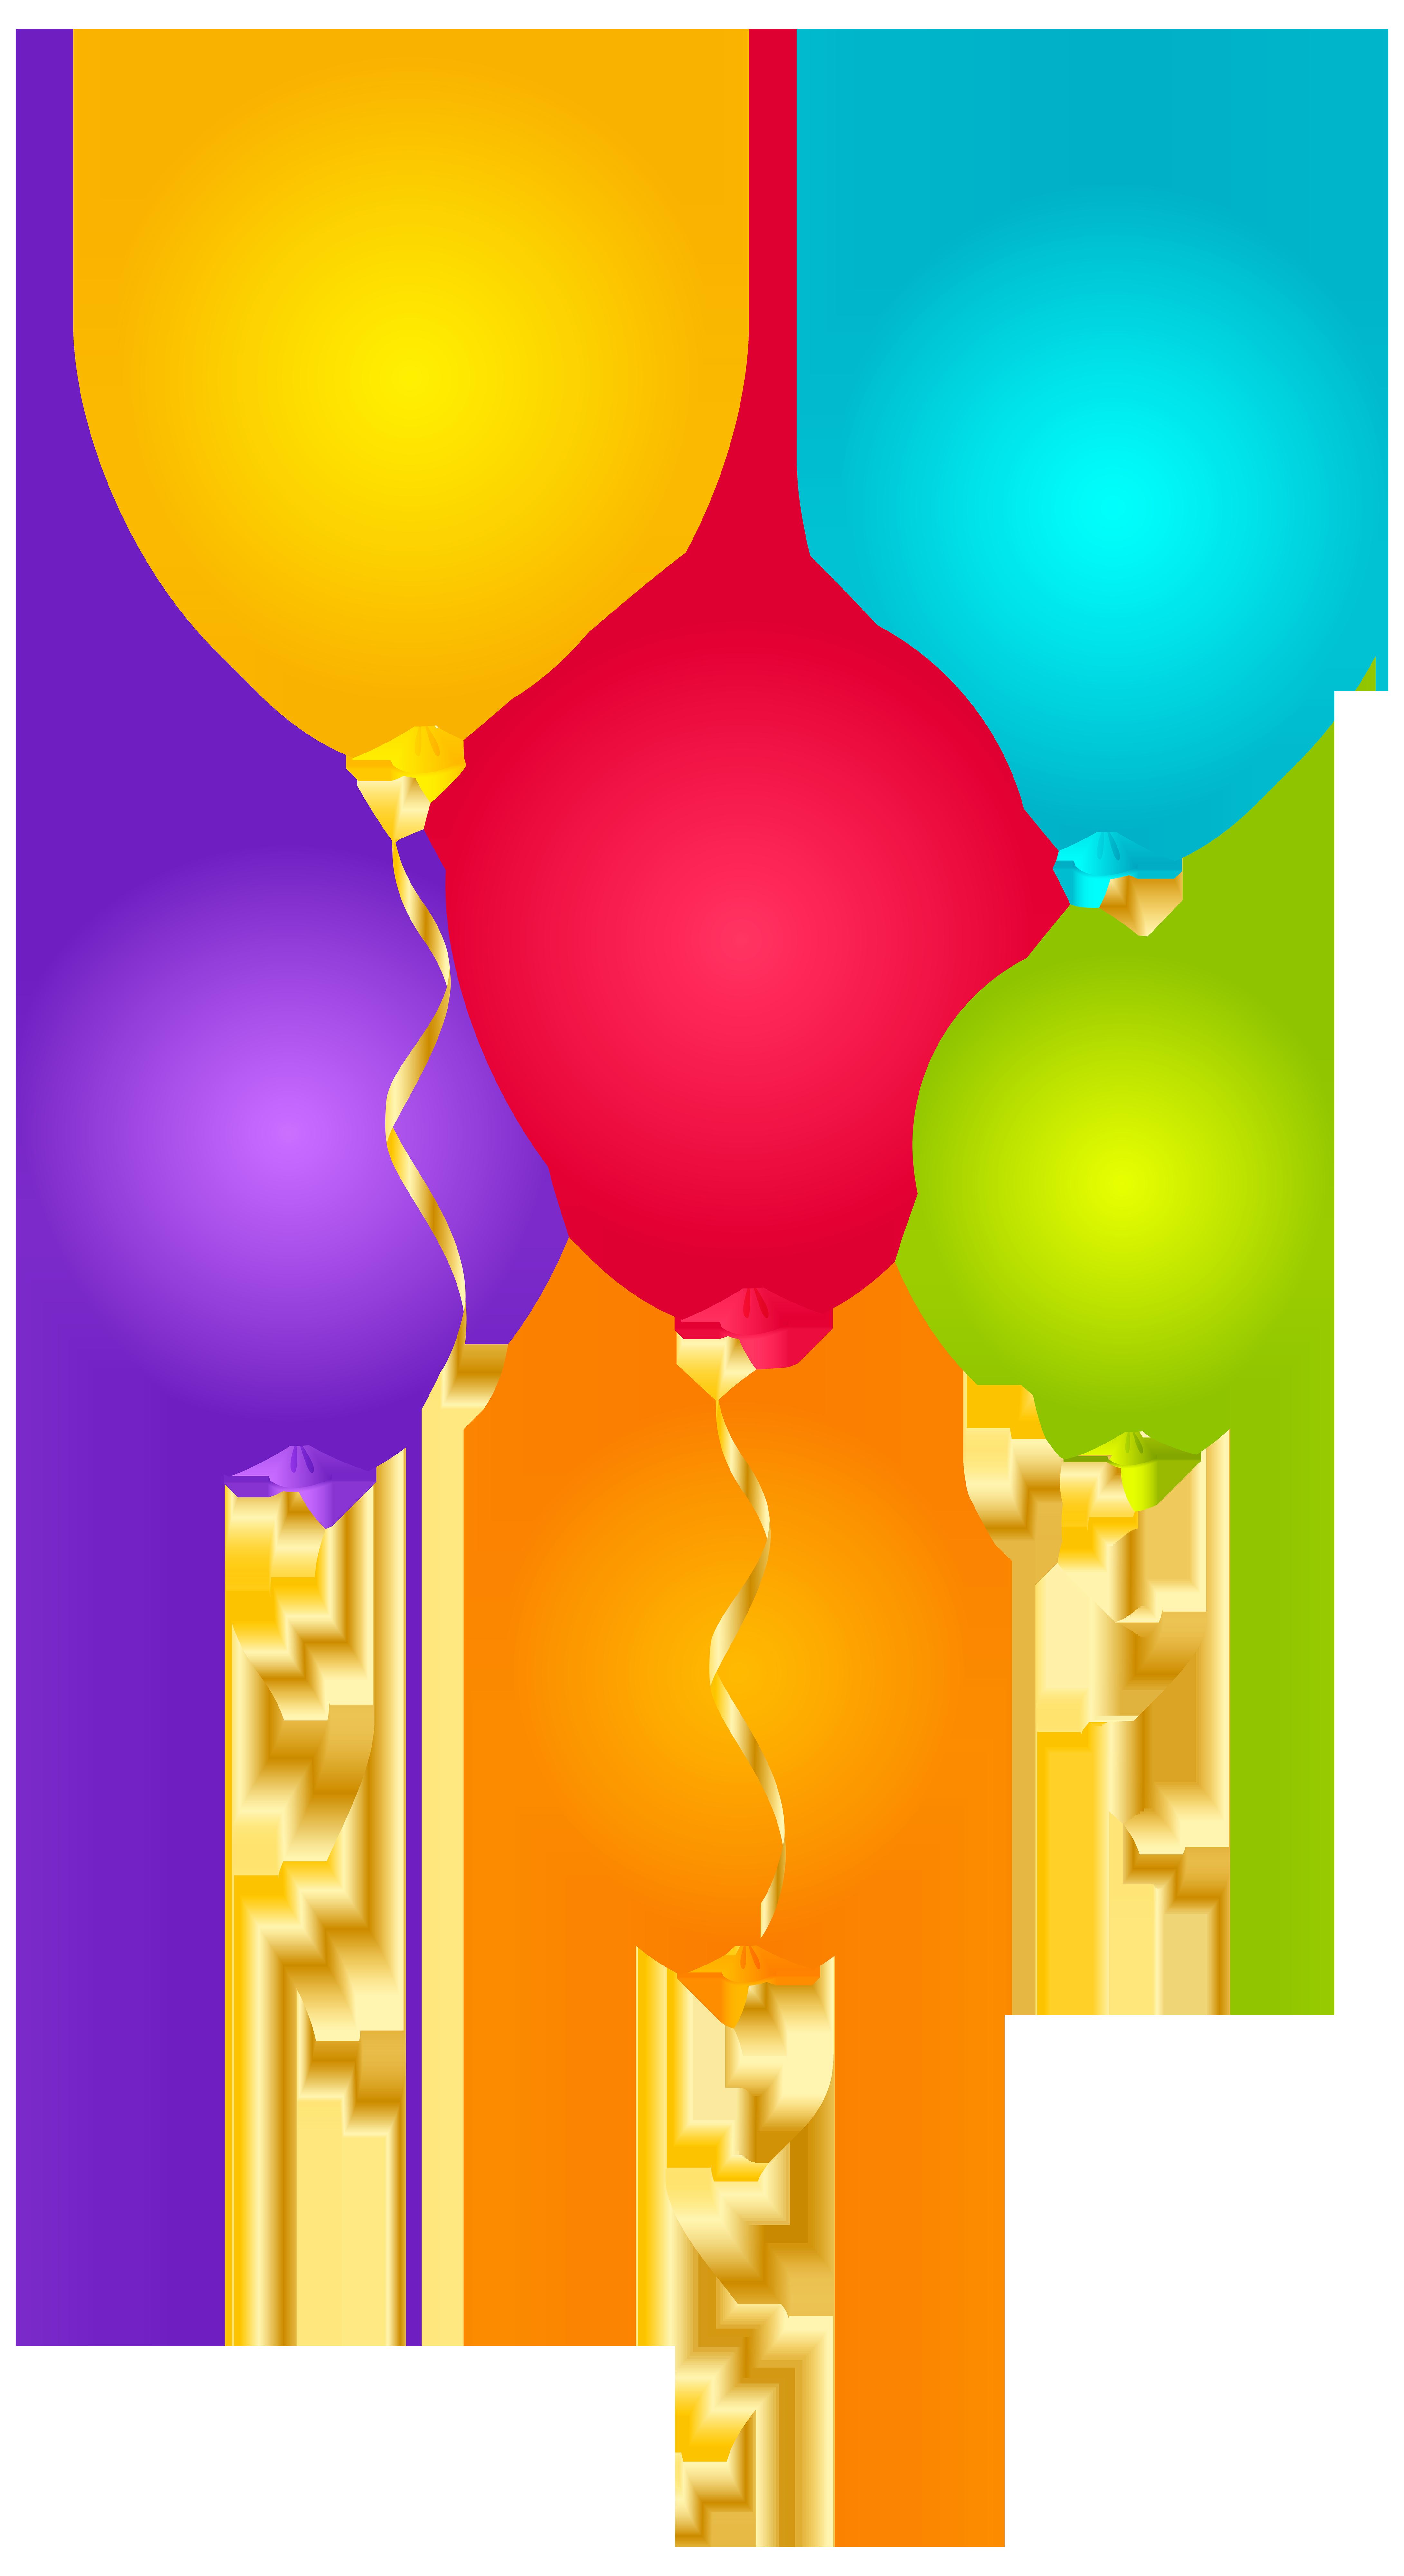 Balloons clip art best. Clipart png balloon